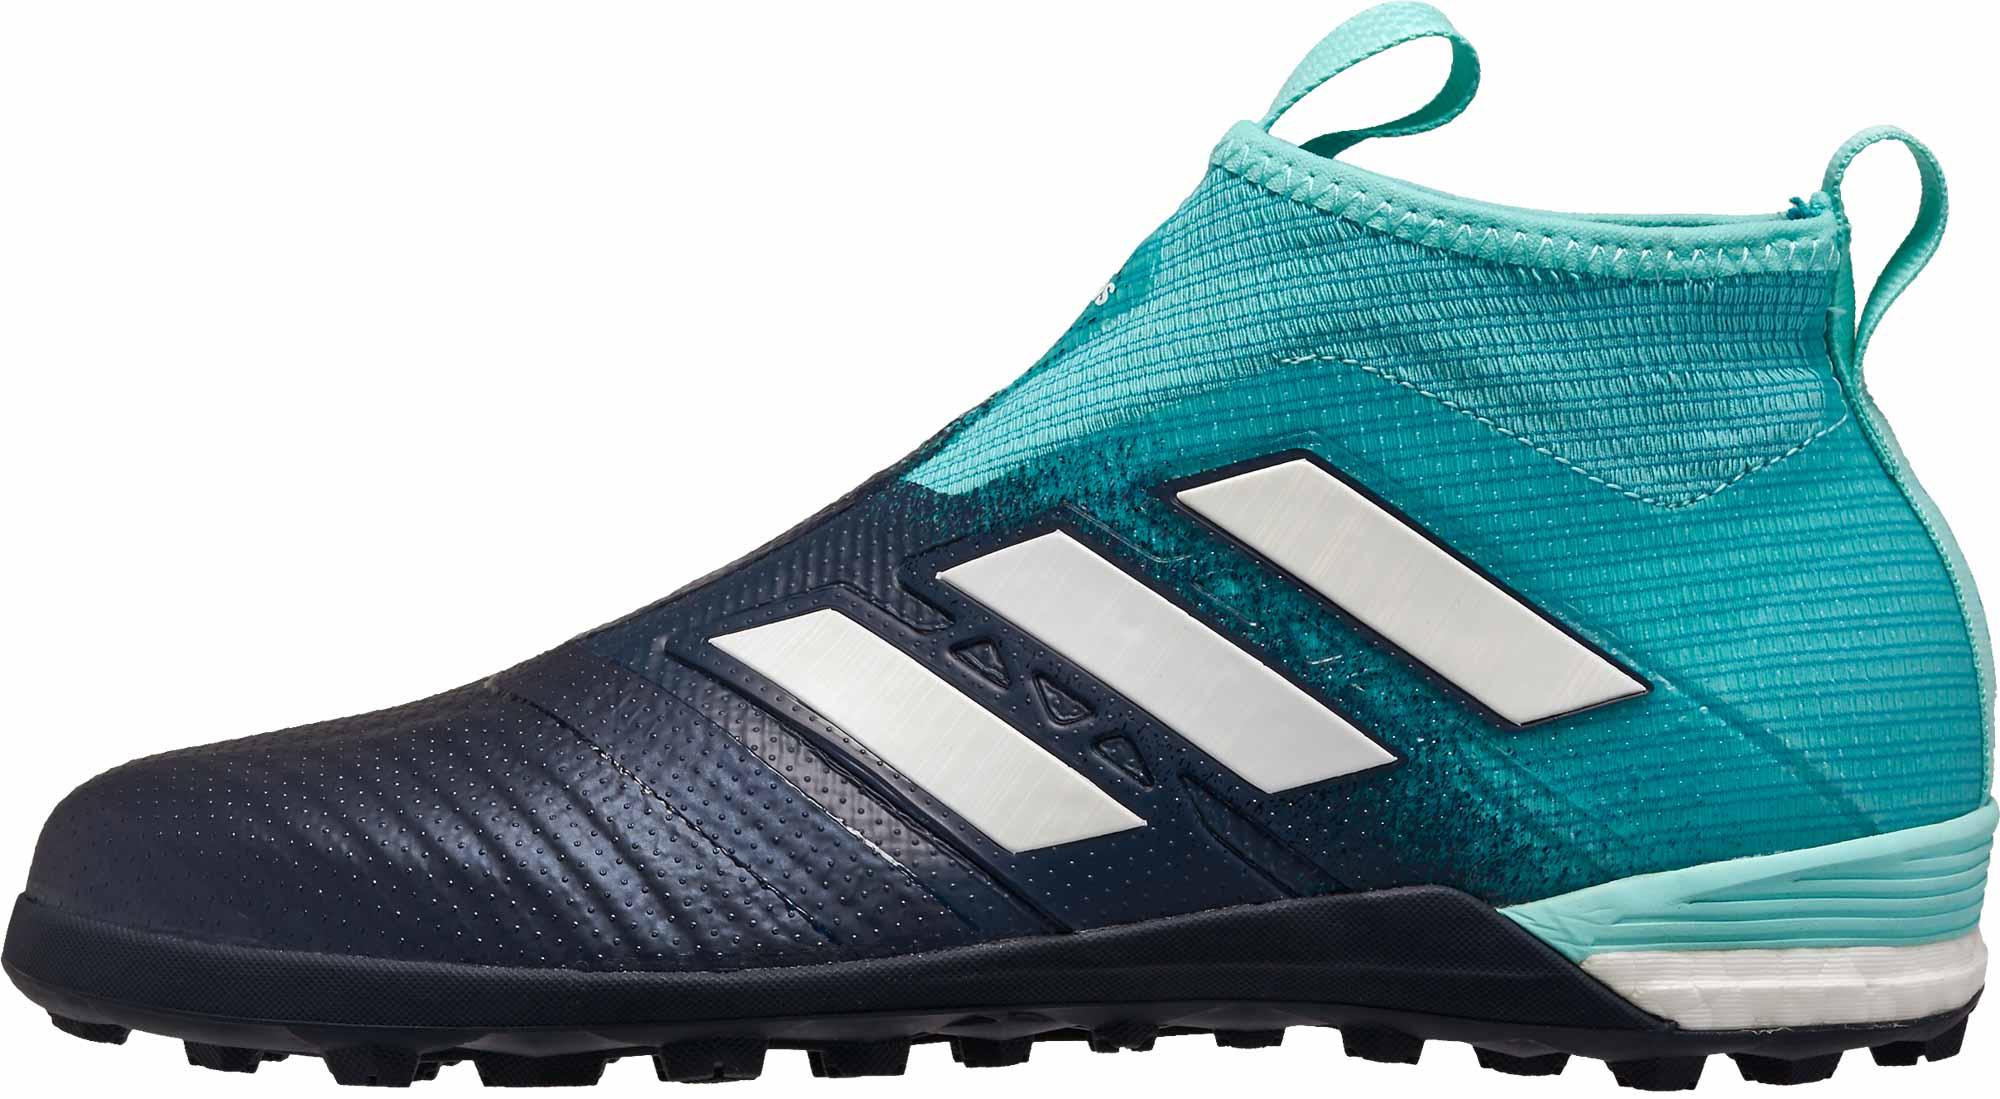 9ab74895dec2 adidas ACE Tango 17+ Purecontrol TF - Energy Aqua   White - Soccer ...